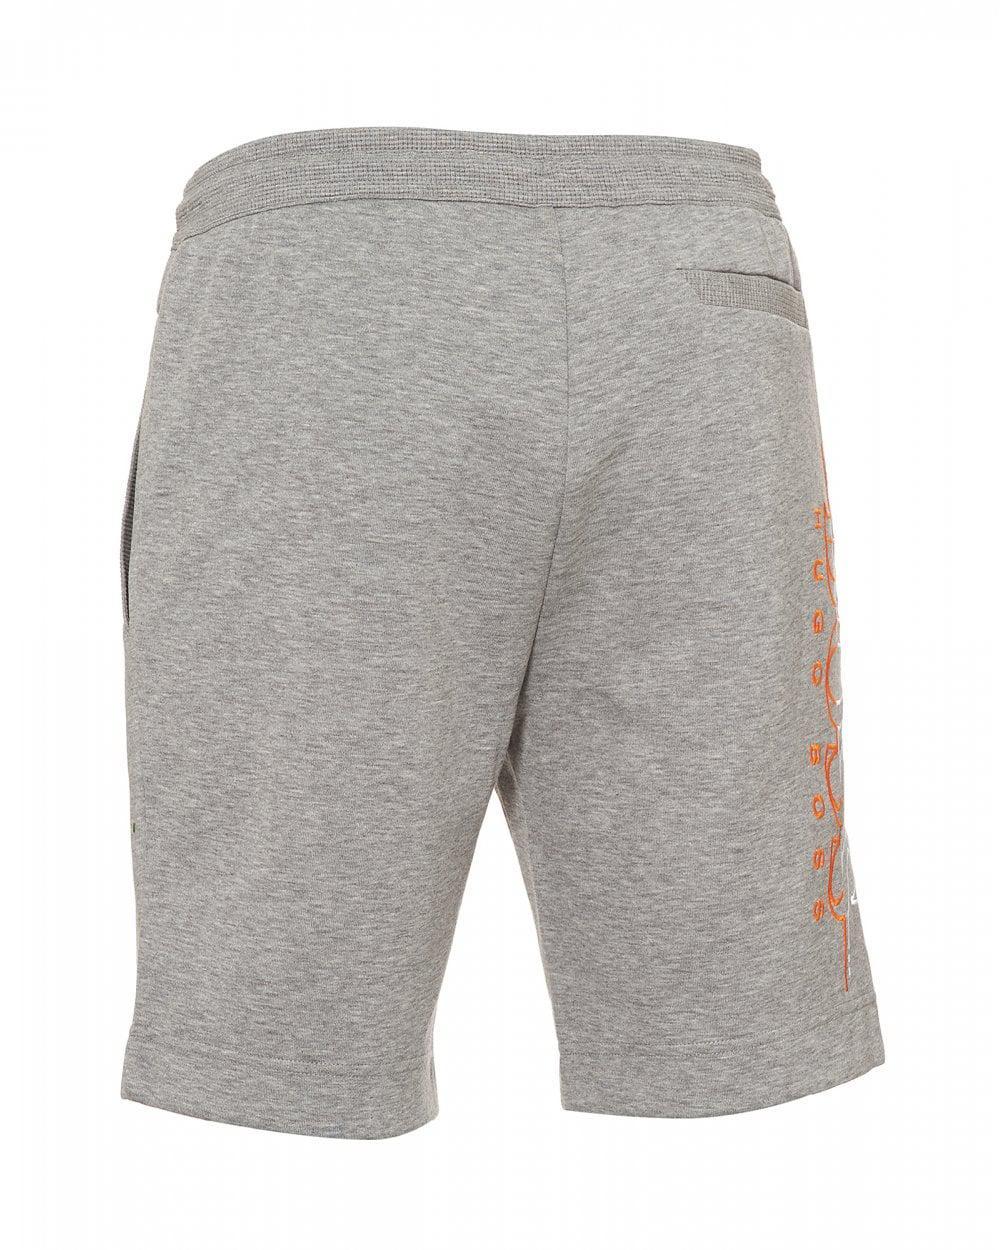 6e23f6745 BOSS Headlo Logo Slim Fit Grey Sweat Shorts in Gray for Men - Lyst